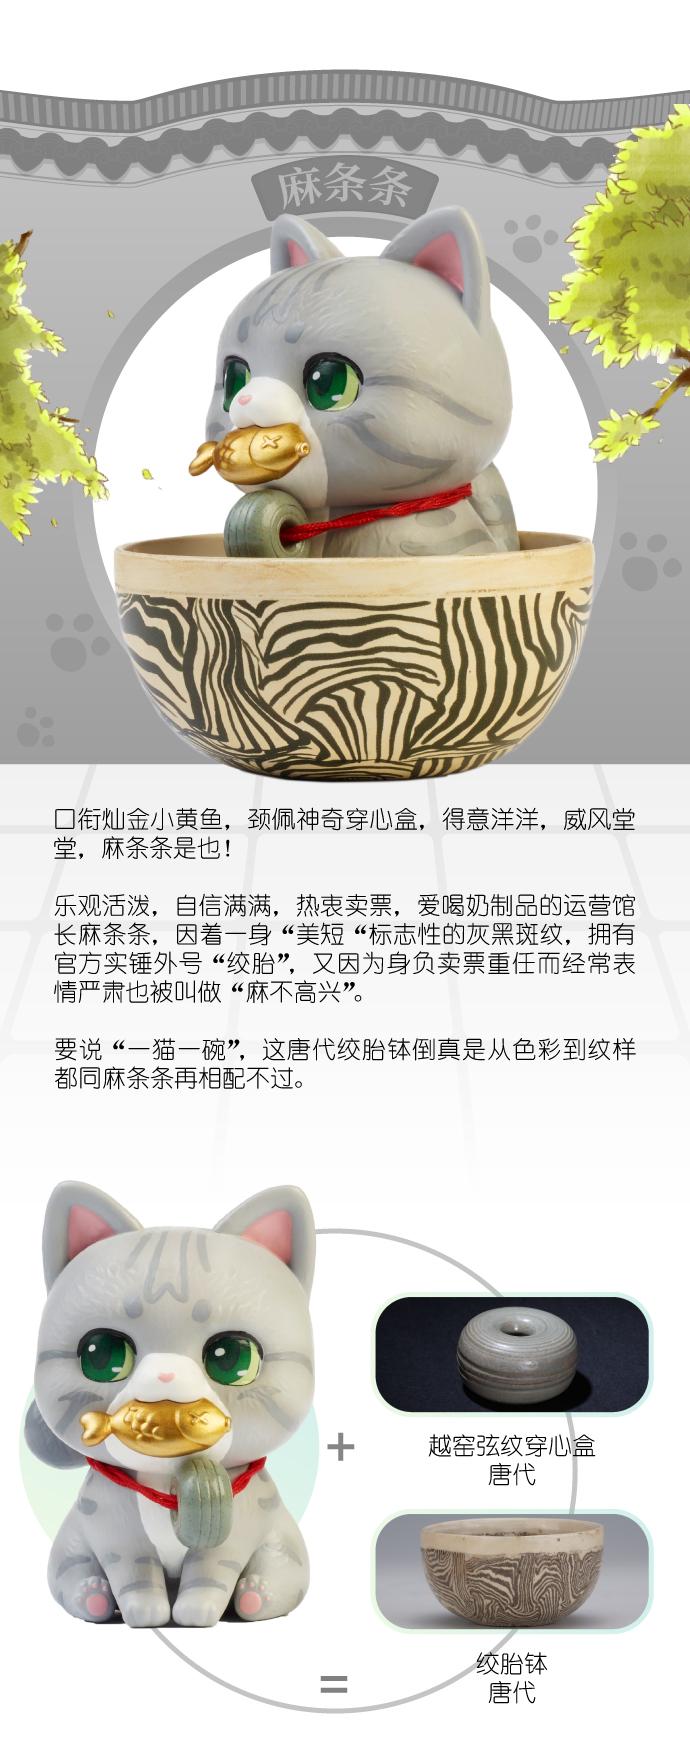 200918观复猫页面V1-09.jpg